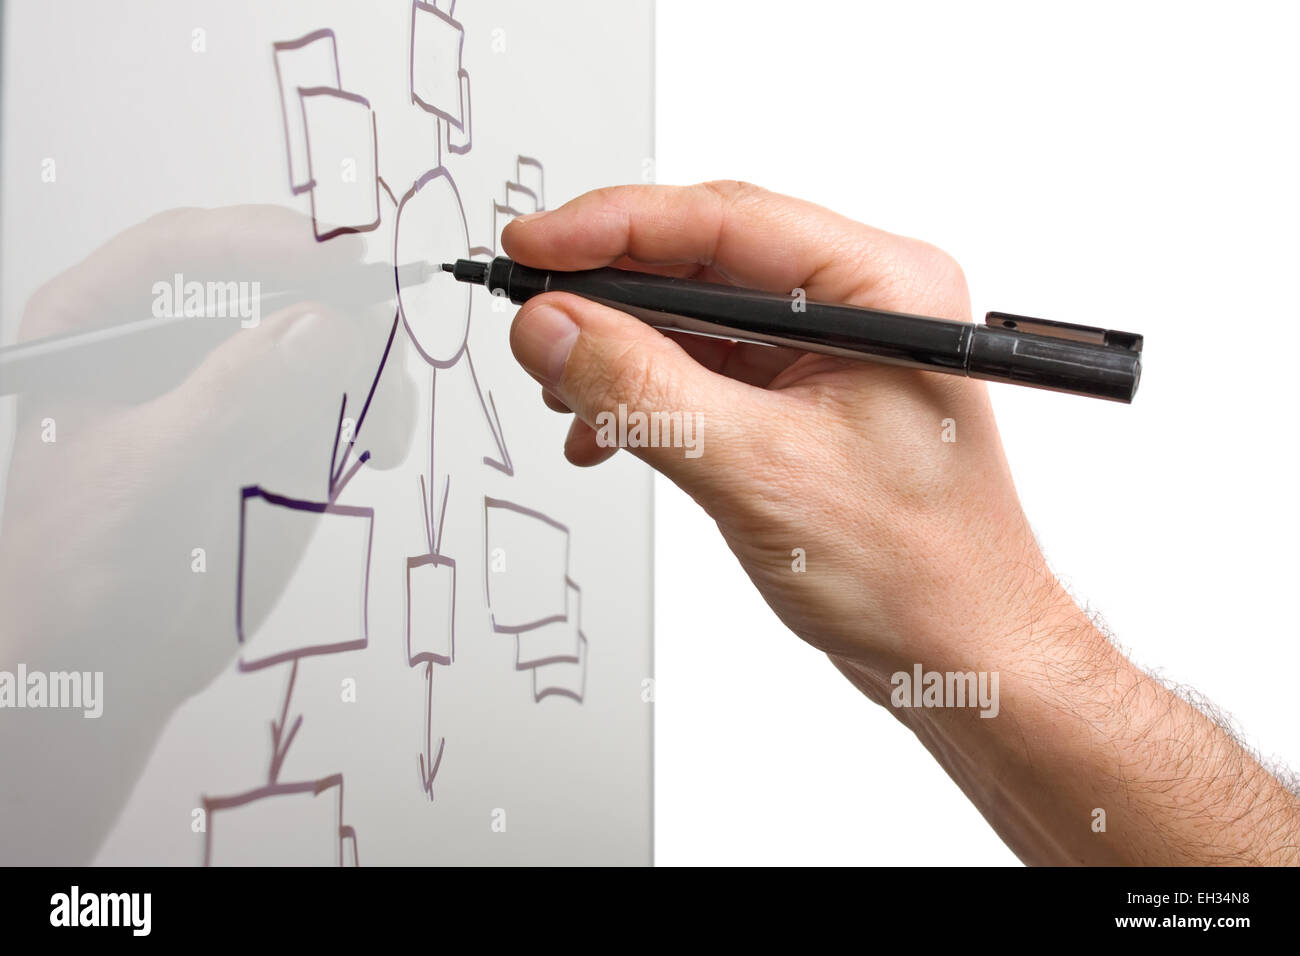 Ziemlich Ein Blockdiagramm Galerie - Elektrische Schaltplan-Ideen ...